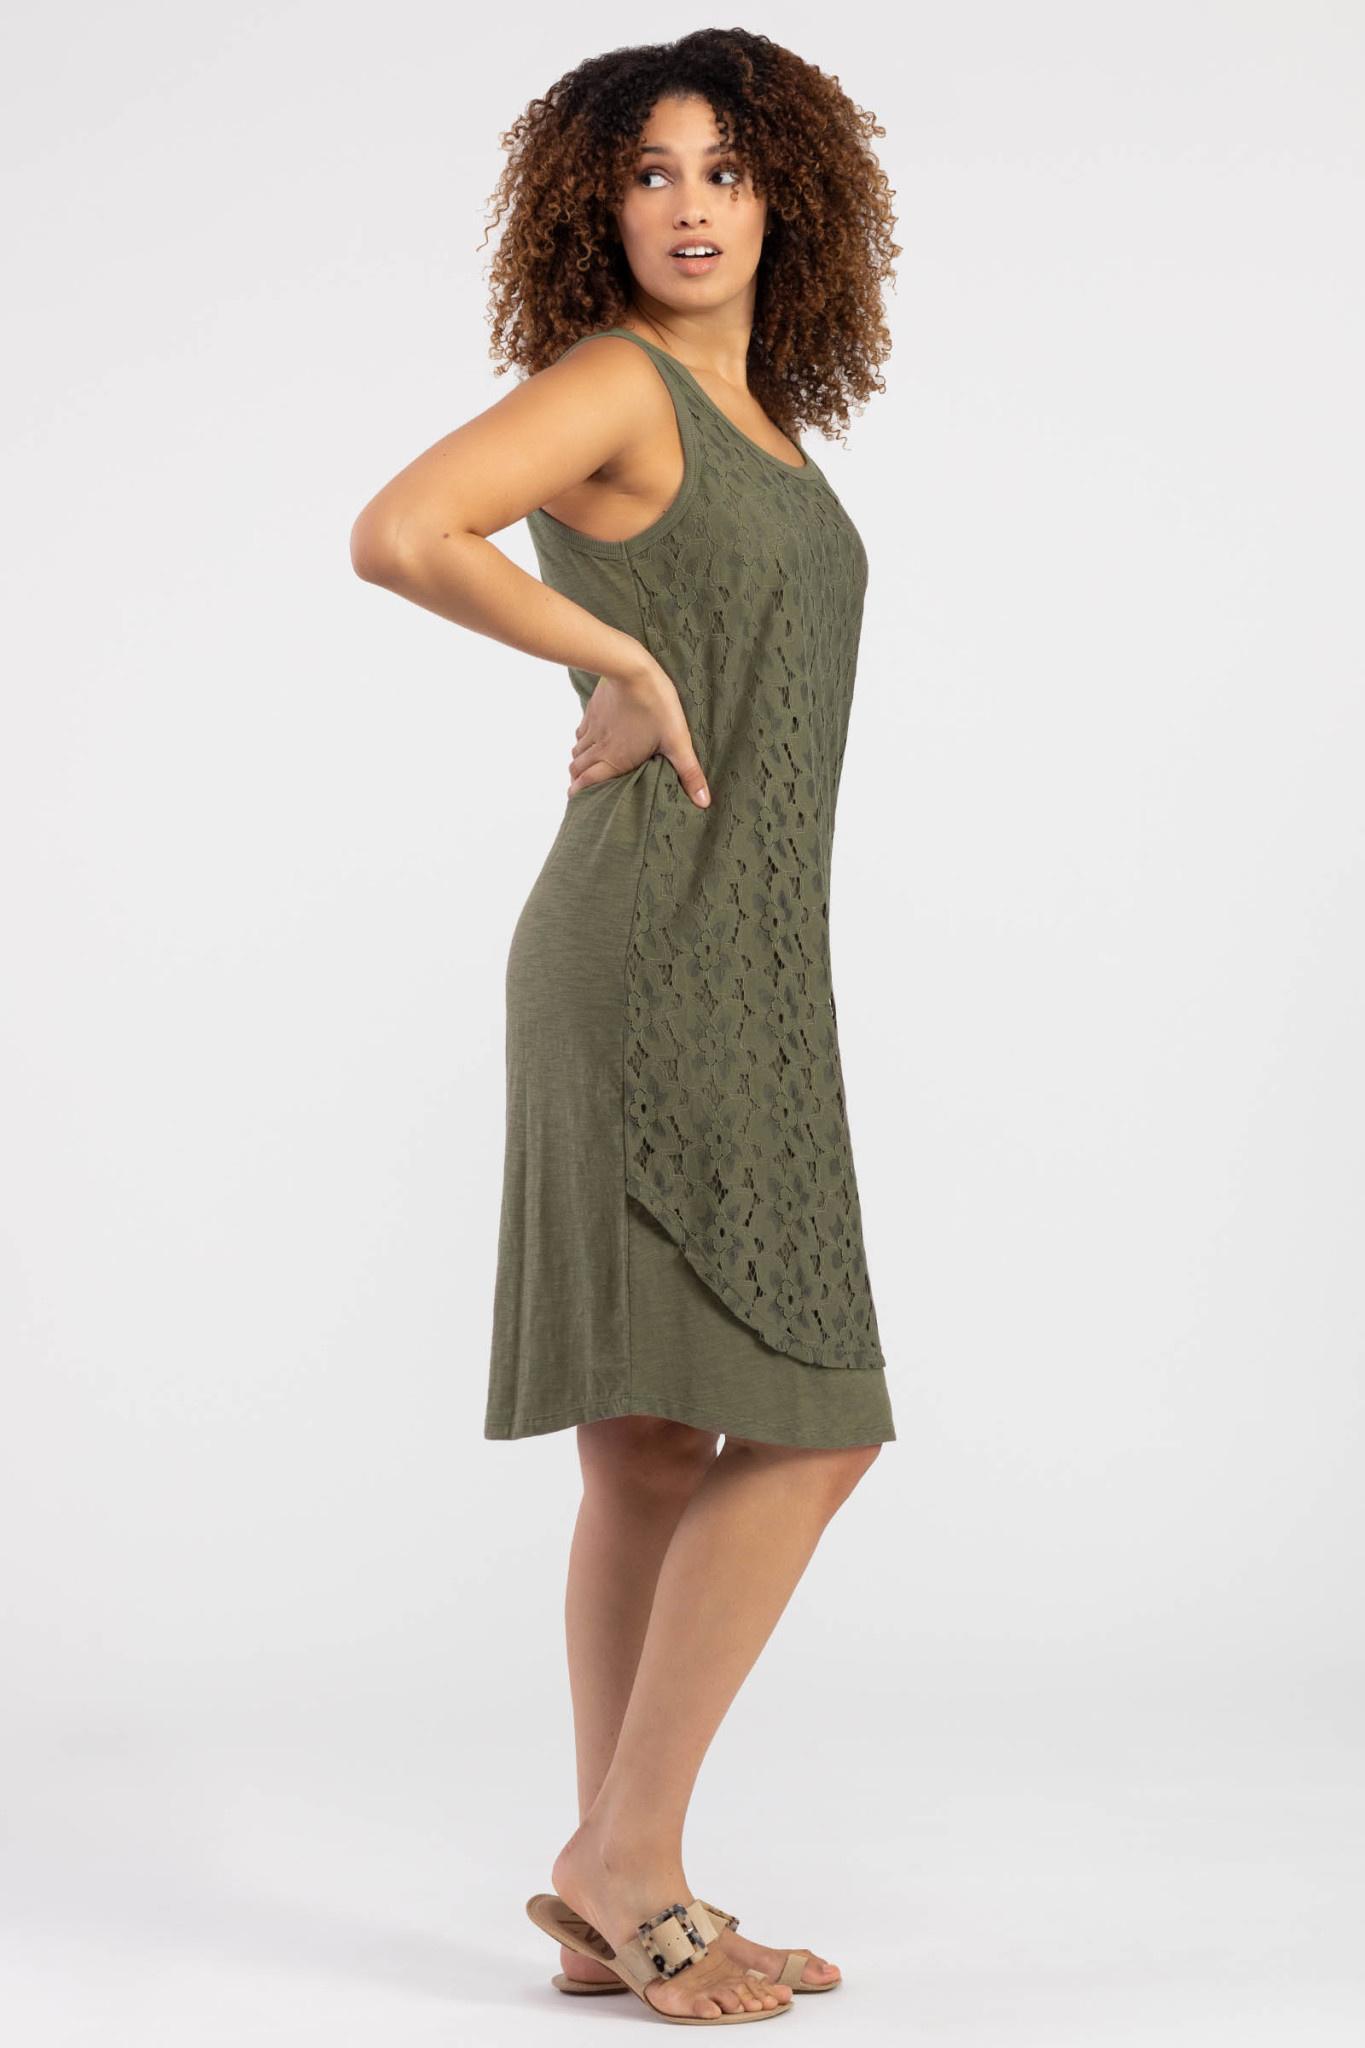 Lace Layered Tank Dress